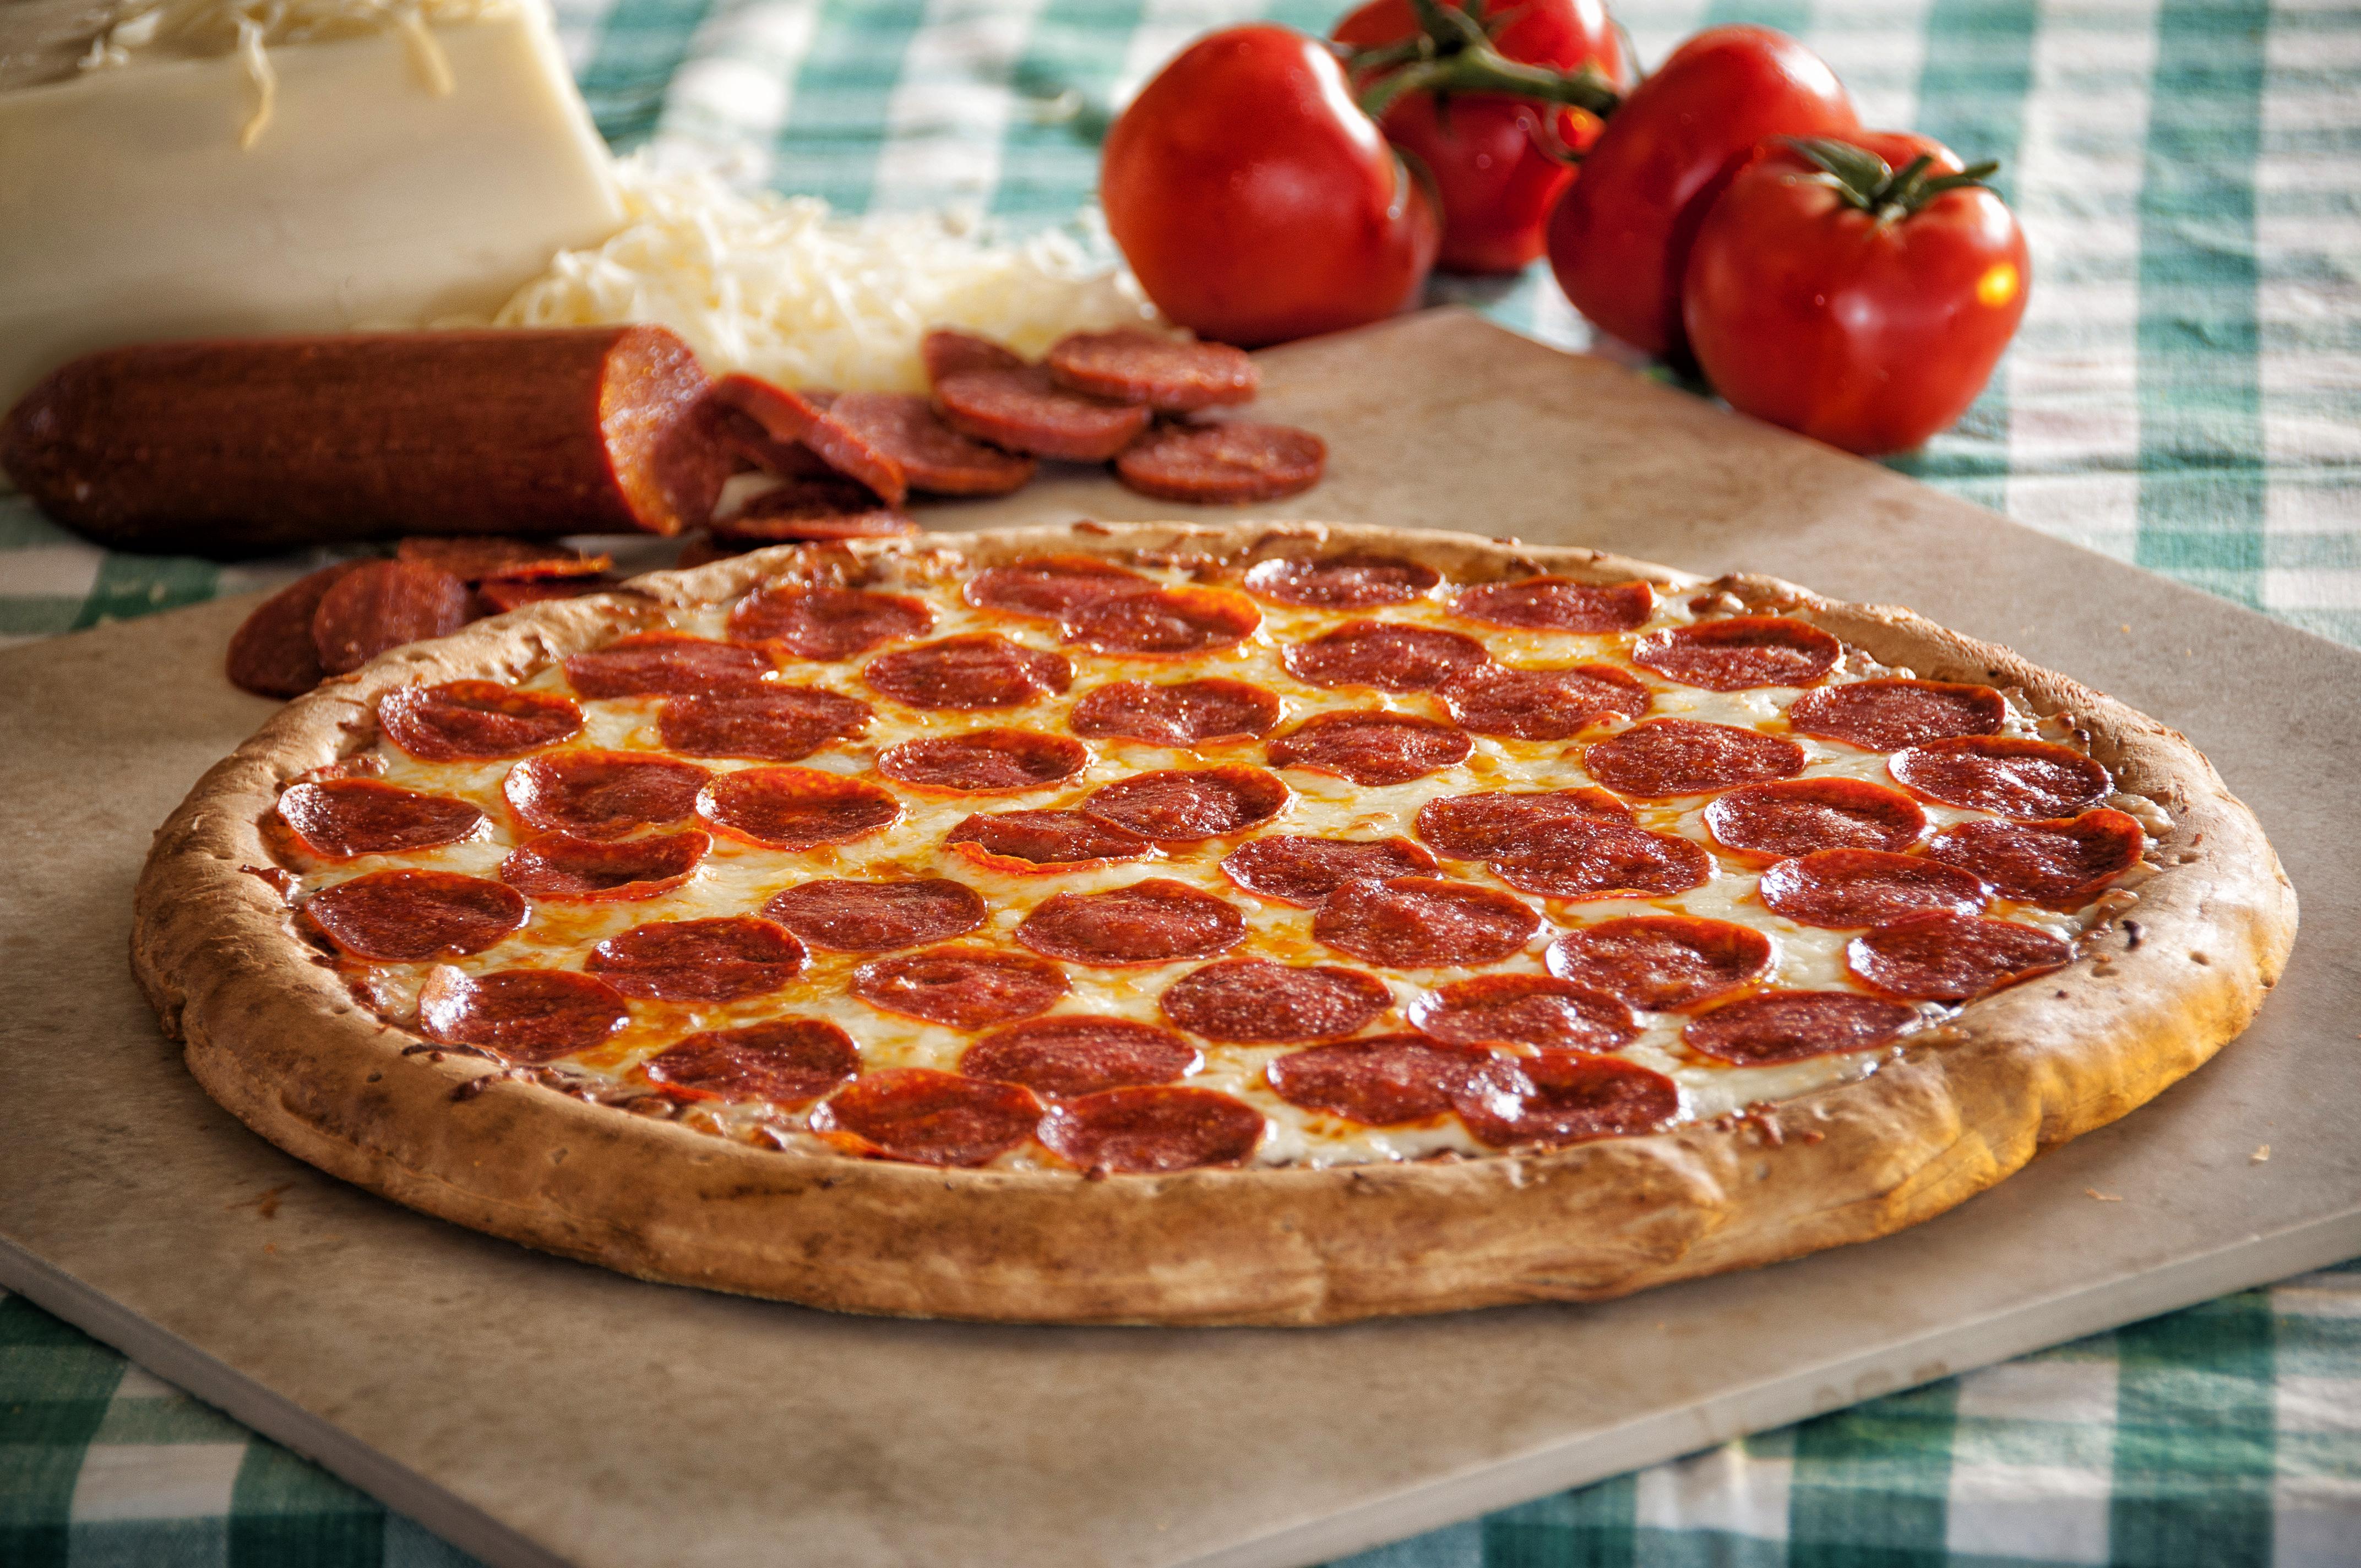 The Pizza-Kini, un bikini réalisé avec de la vrai pizza